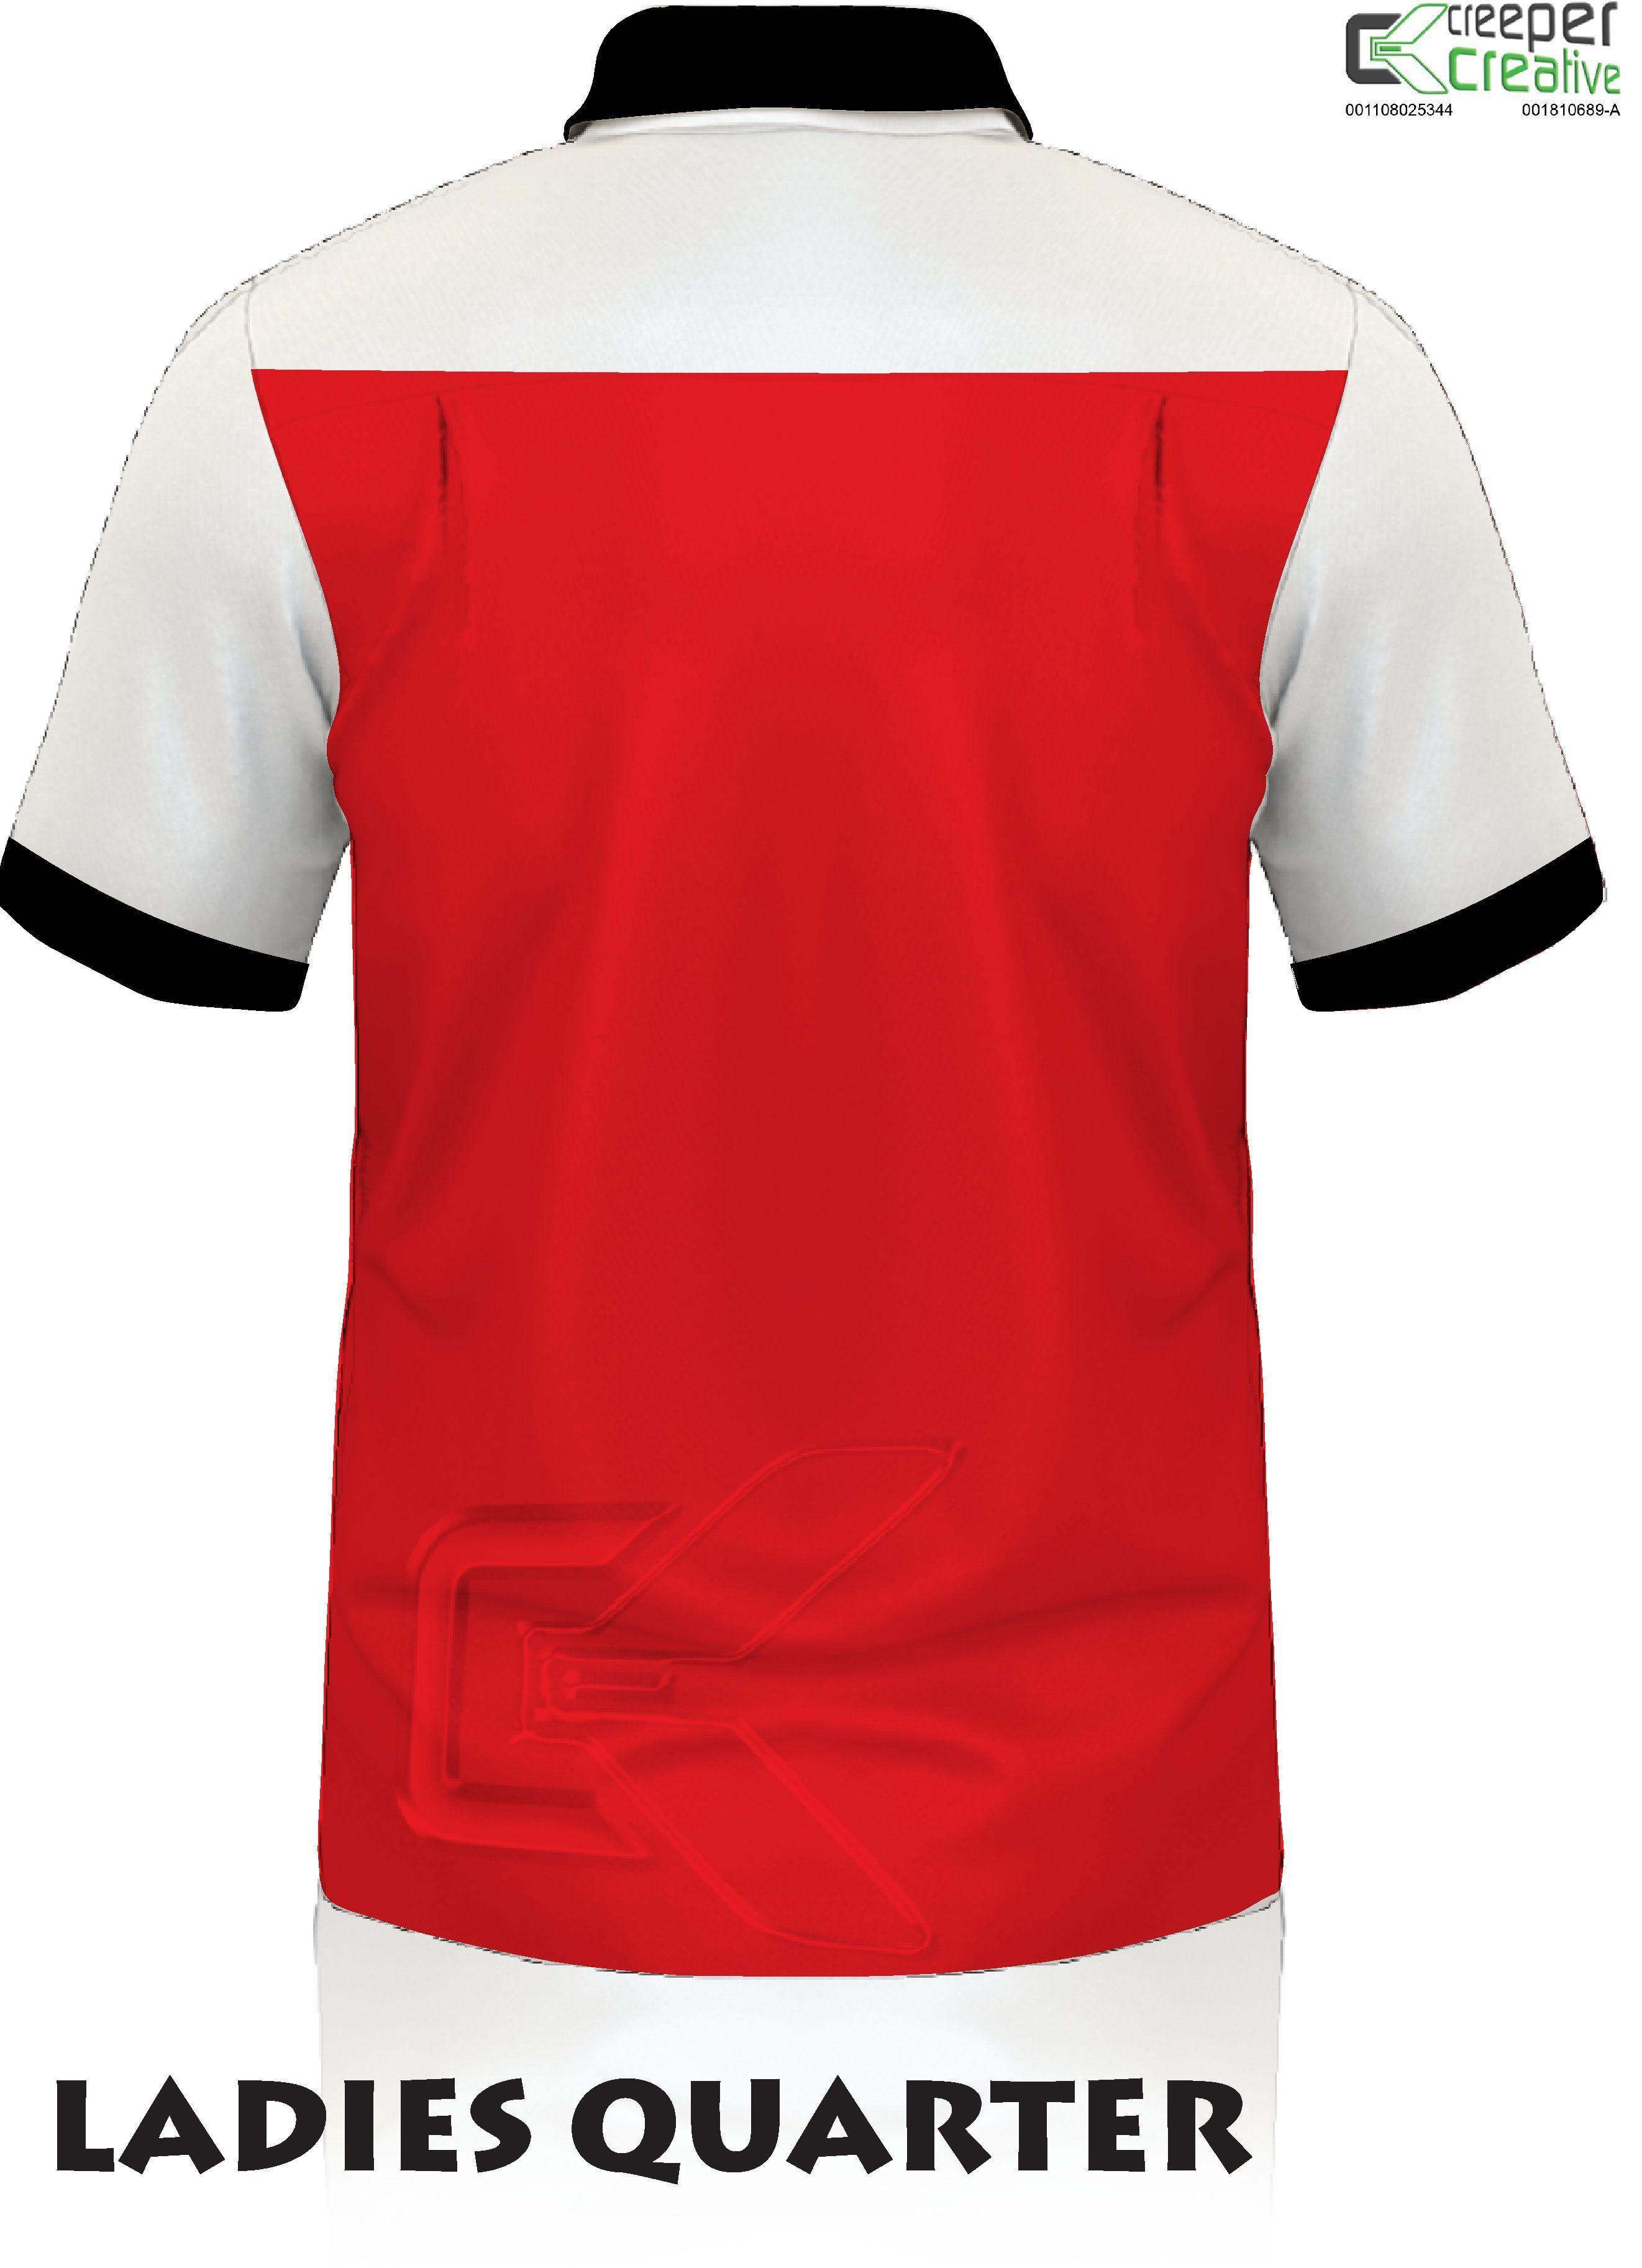 Shirt for Mens Mens shirts, Stylish mens outfits, Shirts